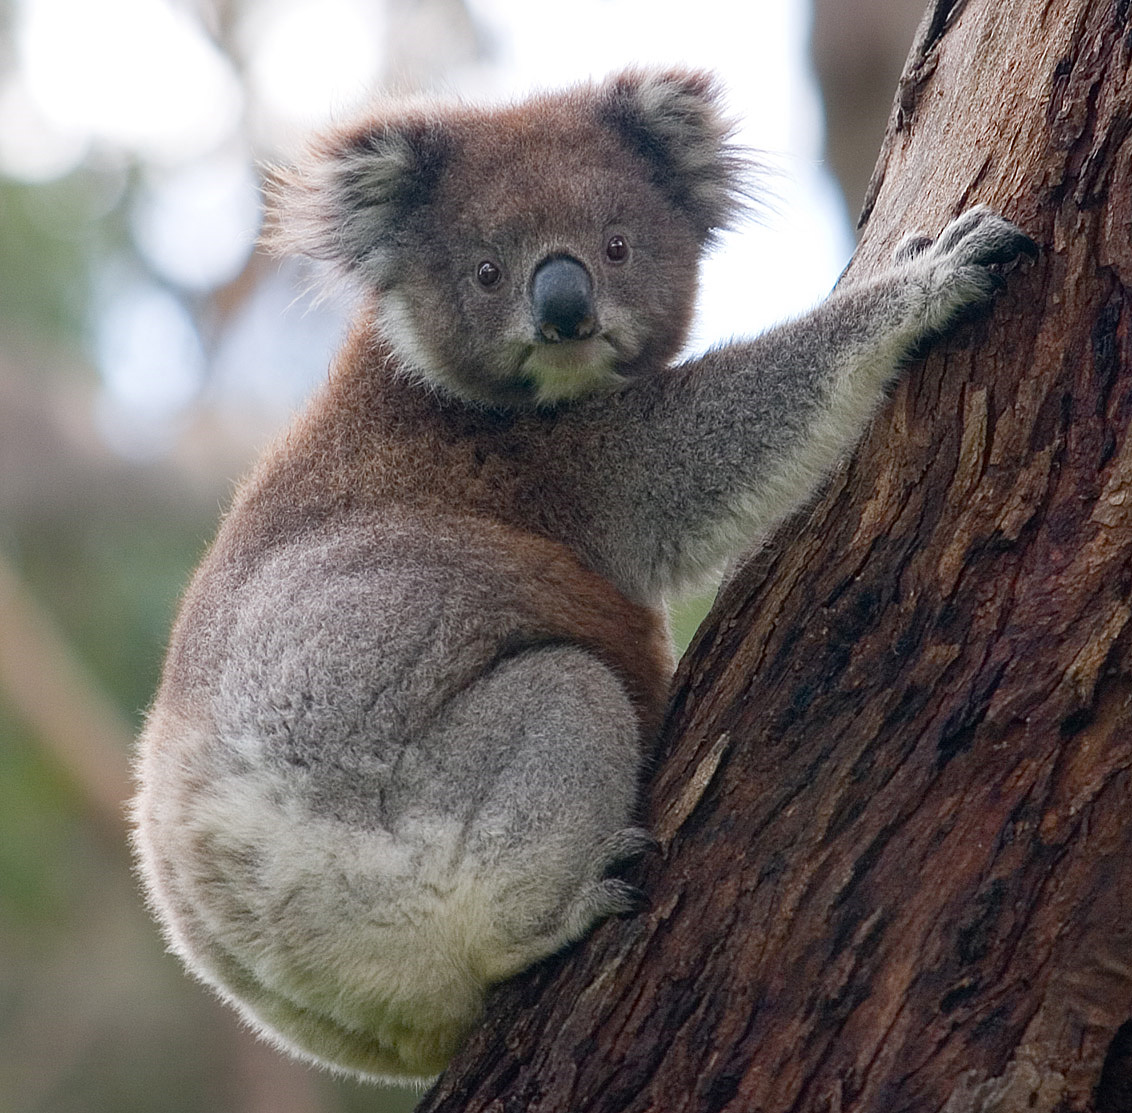 Qui suis-je  par Gin-To ? trouvé par Martin Koala_climbing_tree